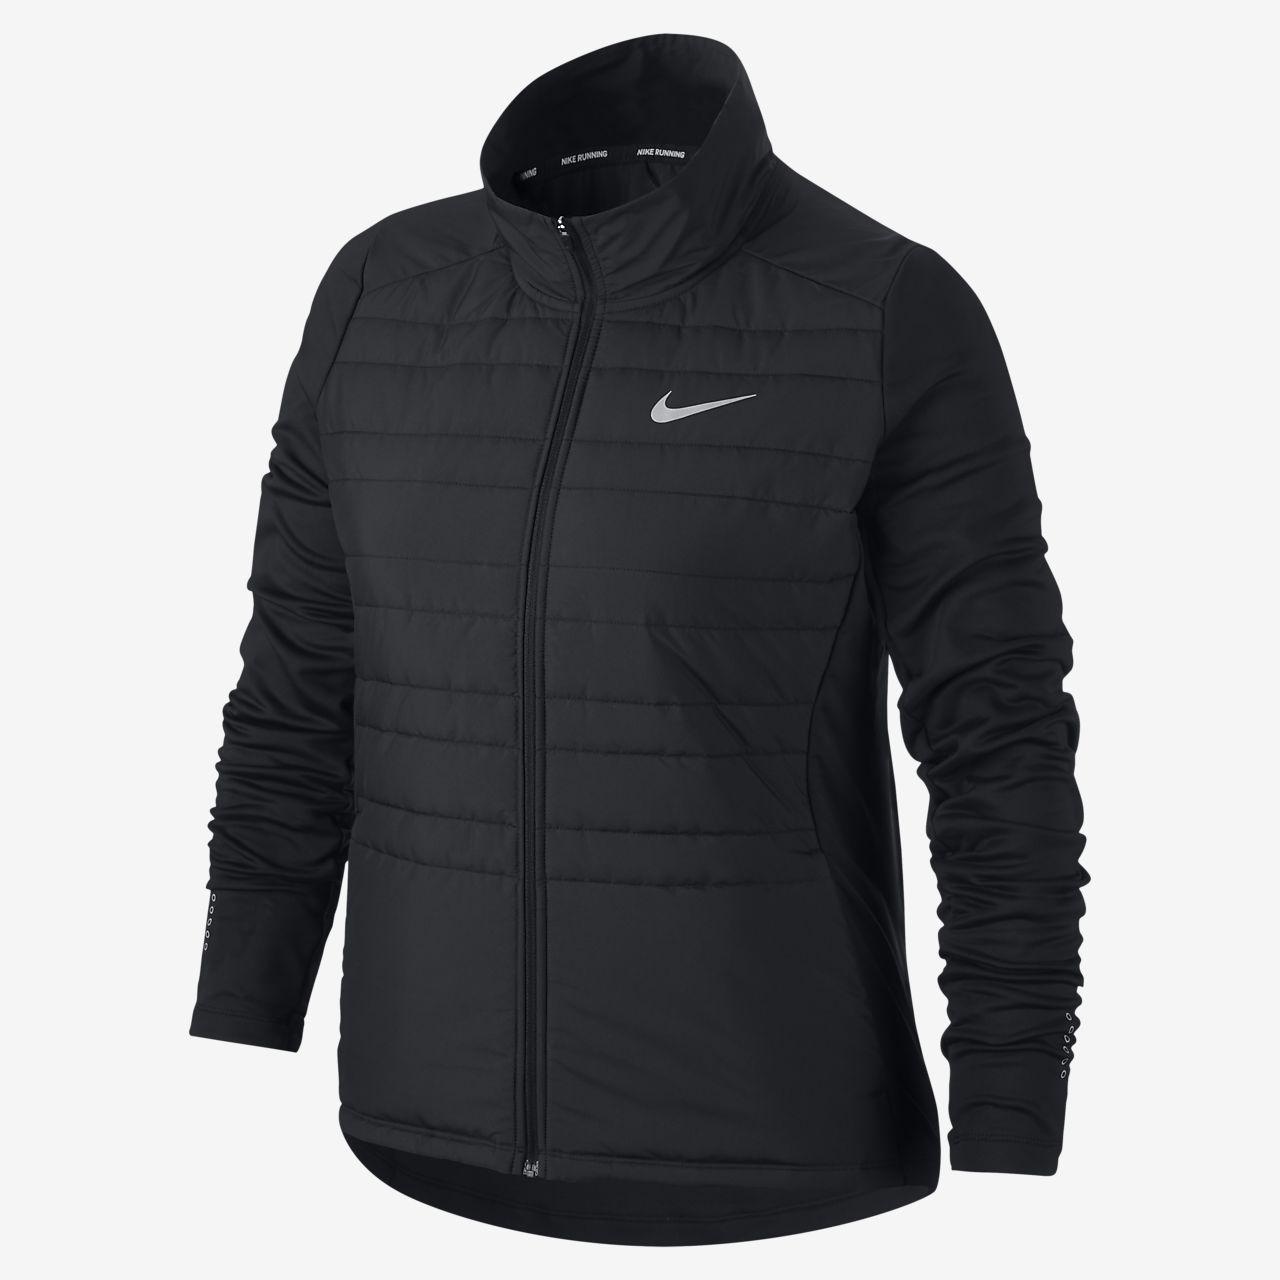 Nike veste pour femme